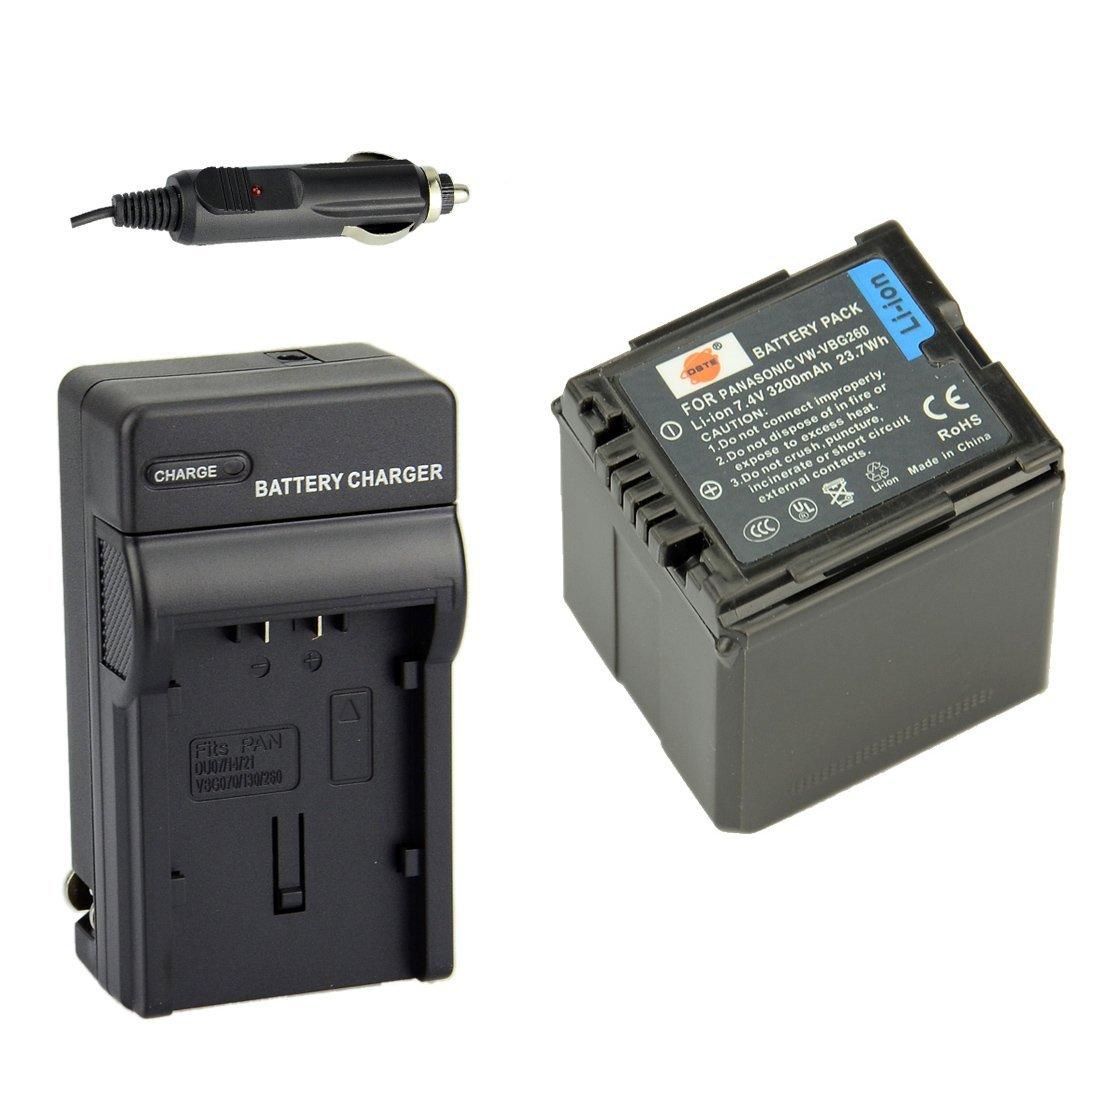 BATTERY 3150mAh FOR Panasonic HDC-SD700K HDC-SD9 HDC-SDT750 HDC-SDT750K